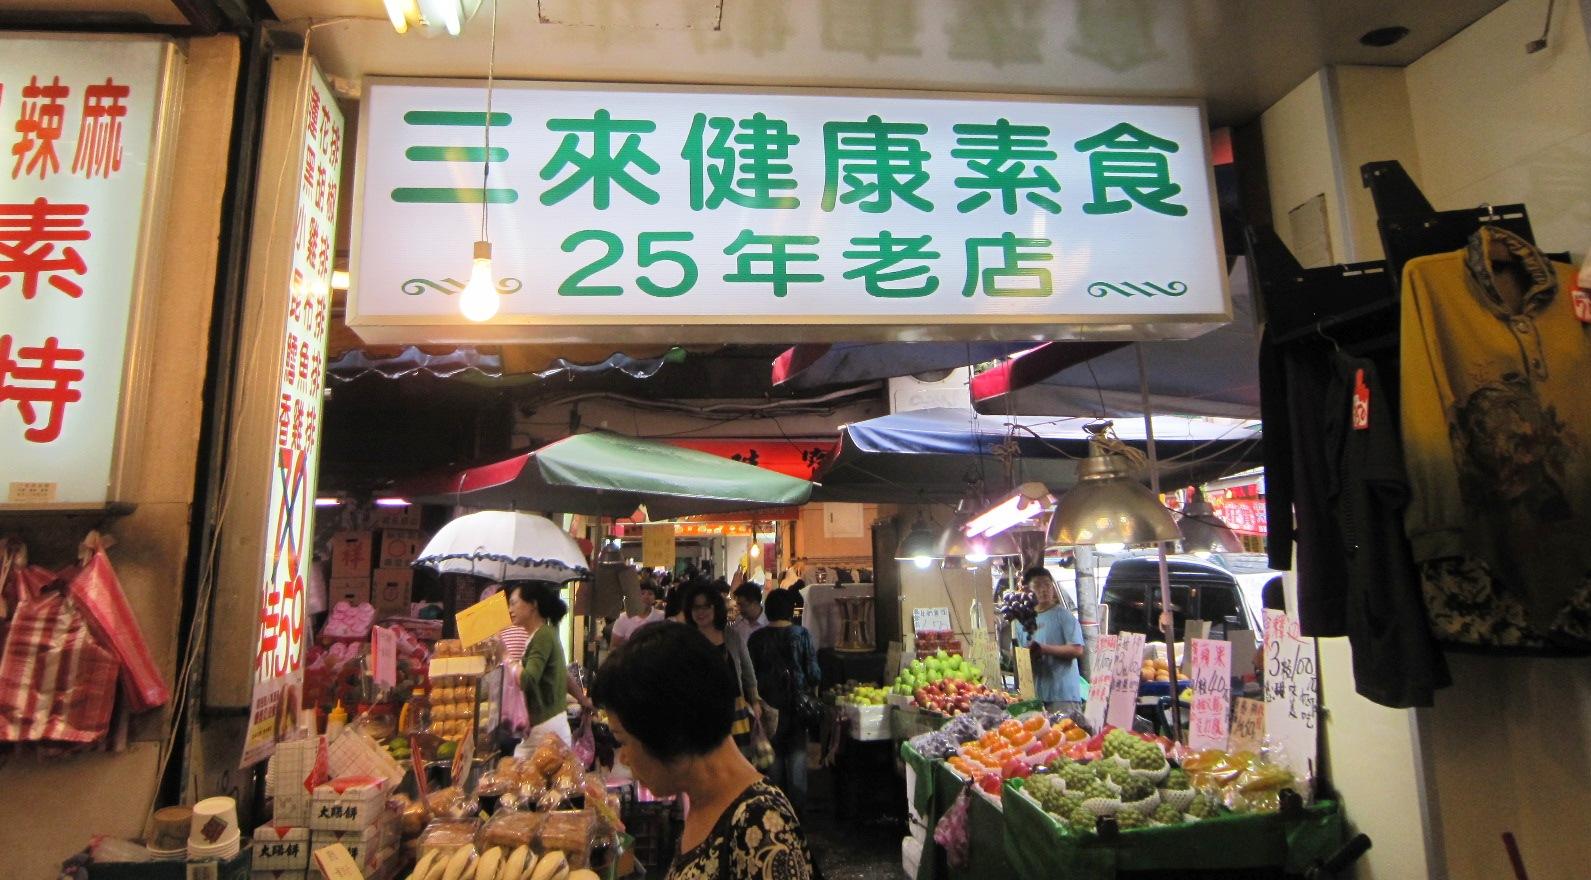 またまた台湾に行って来ました②_c0125702_16472844.jpg